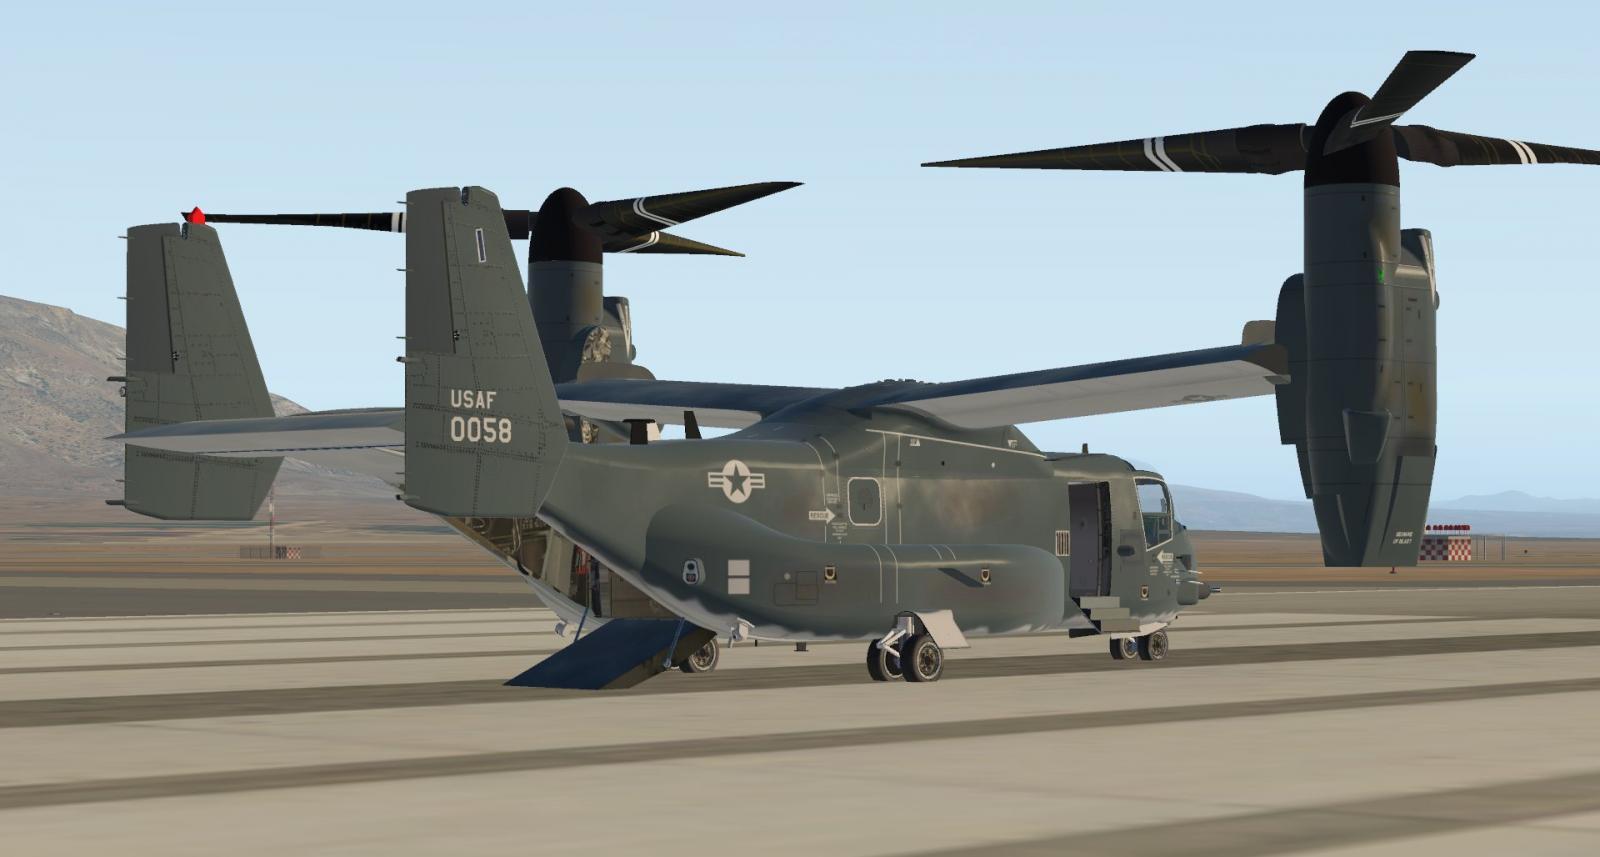 v 22 osprey 1 2 second update 2018 05 01 v 22 osprey x plane rh forums x plane org v-22 osprey operator's manual V-22 Osprey Gunship